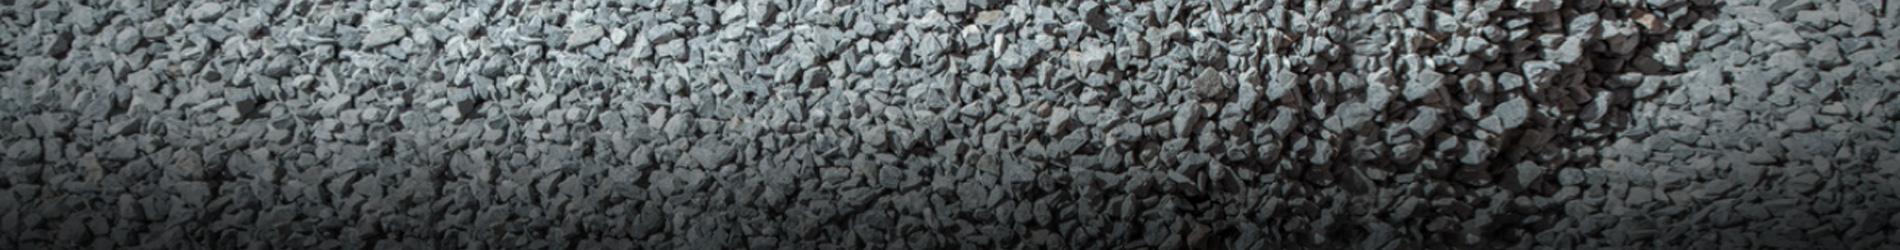 baustoffe Überwachung Zertifizierung Asphaltmischgut Gesteinskörnungen Transportbeton Flüssigboden